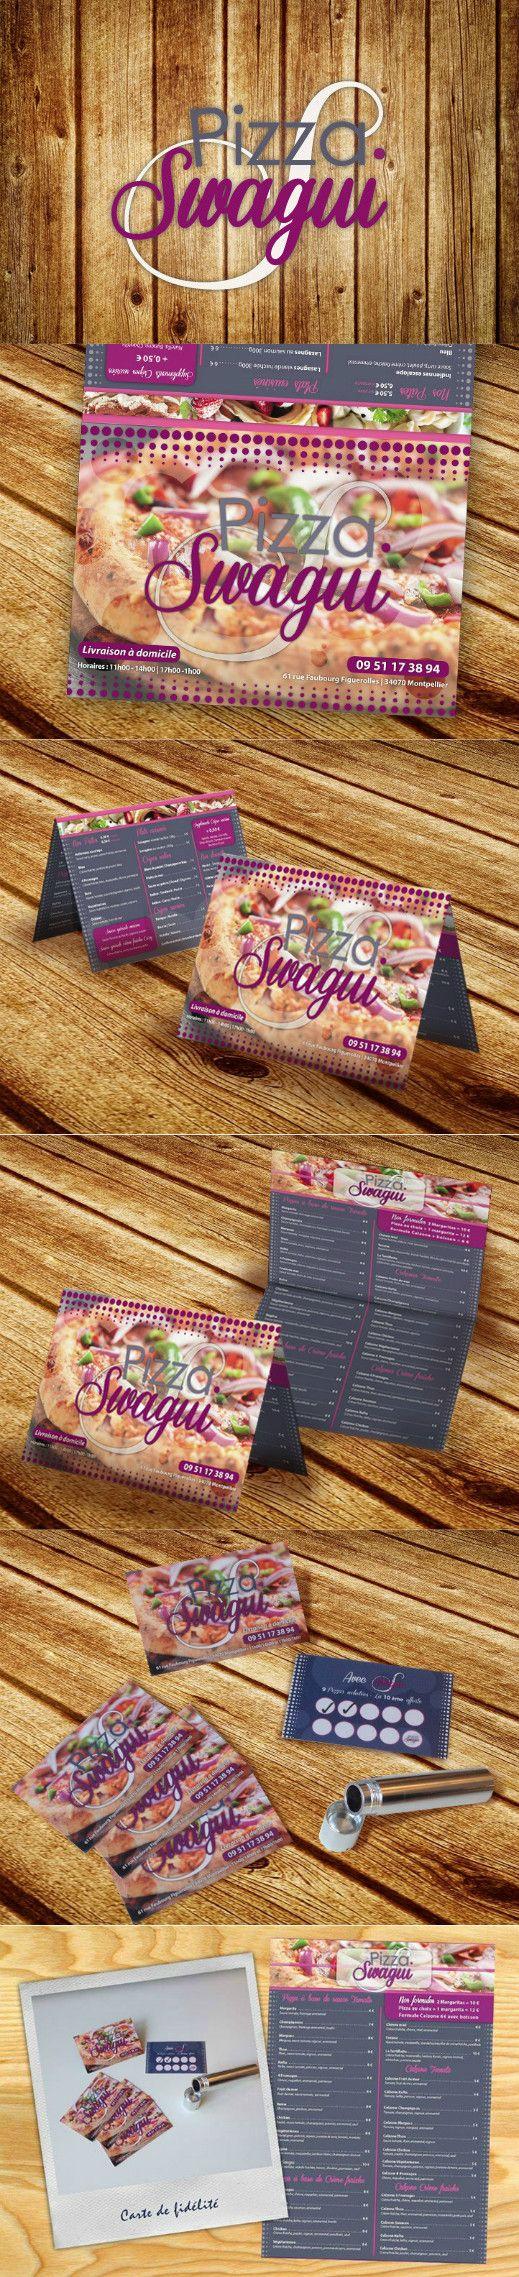 Création et impression dépliant - Pizzeria Pizza Swagui à Montpellier • Création graphique du logo. • Création graphique et impression dépliant deux volets et de sa carte de fidélité.  #Pizzeria #Graphisme  #design